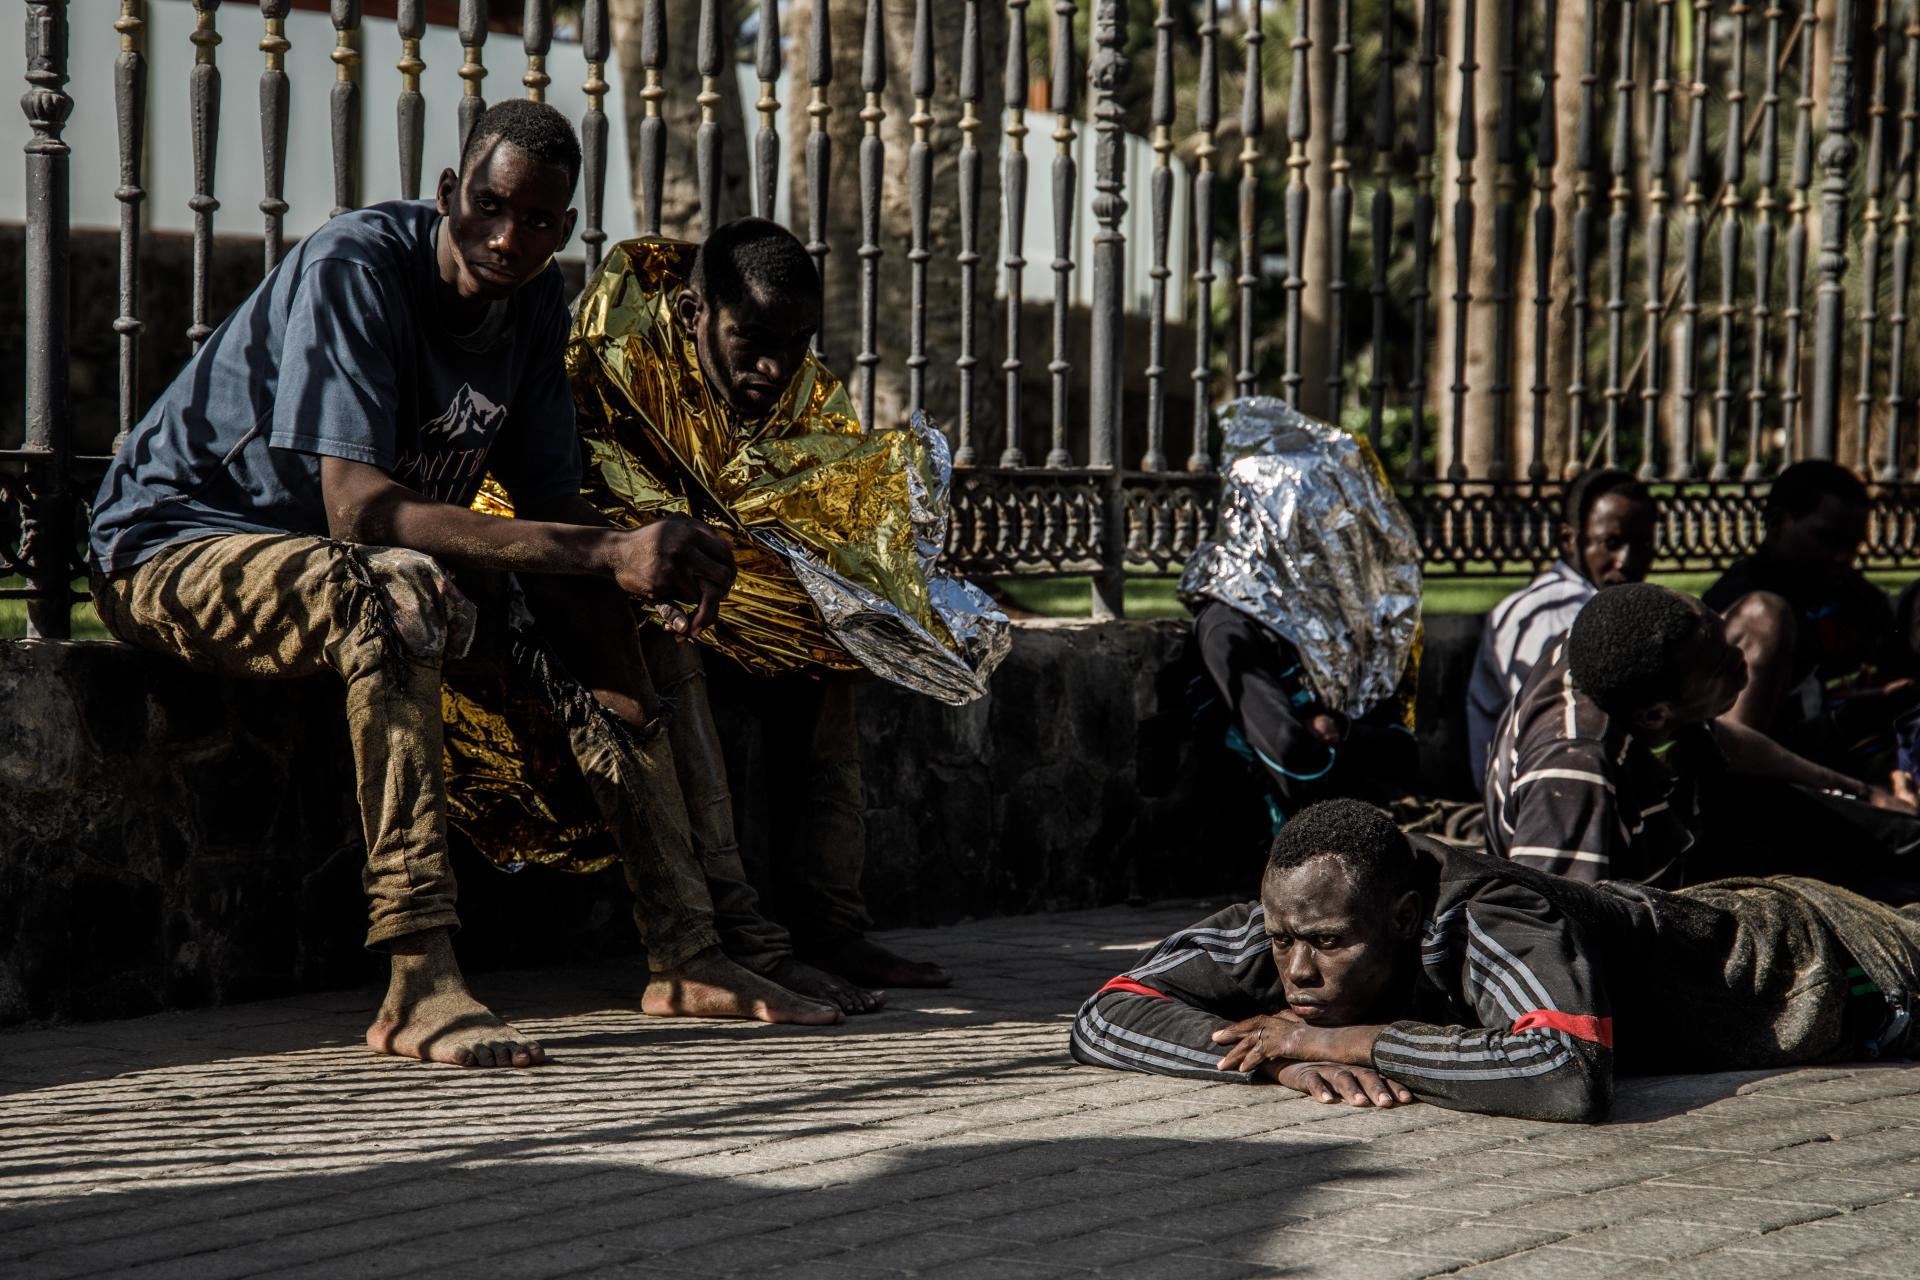 Quarante-quatre migrants venus d'Afrique subsaharienne sont gardés par la police après avoir accosté sur la plage Mas Palomas à Grande Canarie, le 1er novembre.